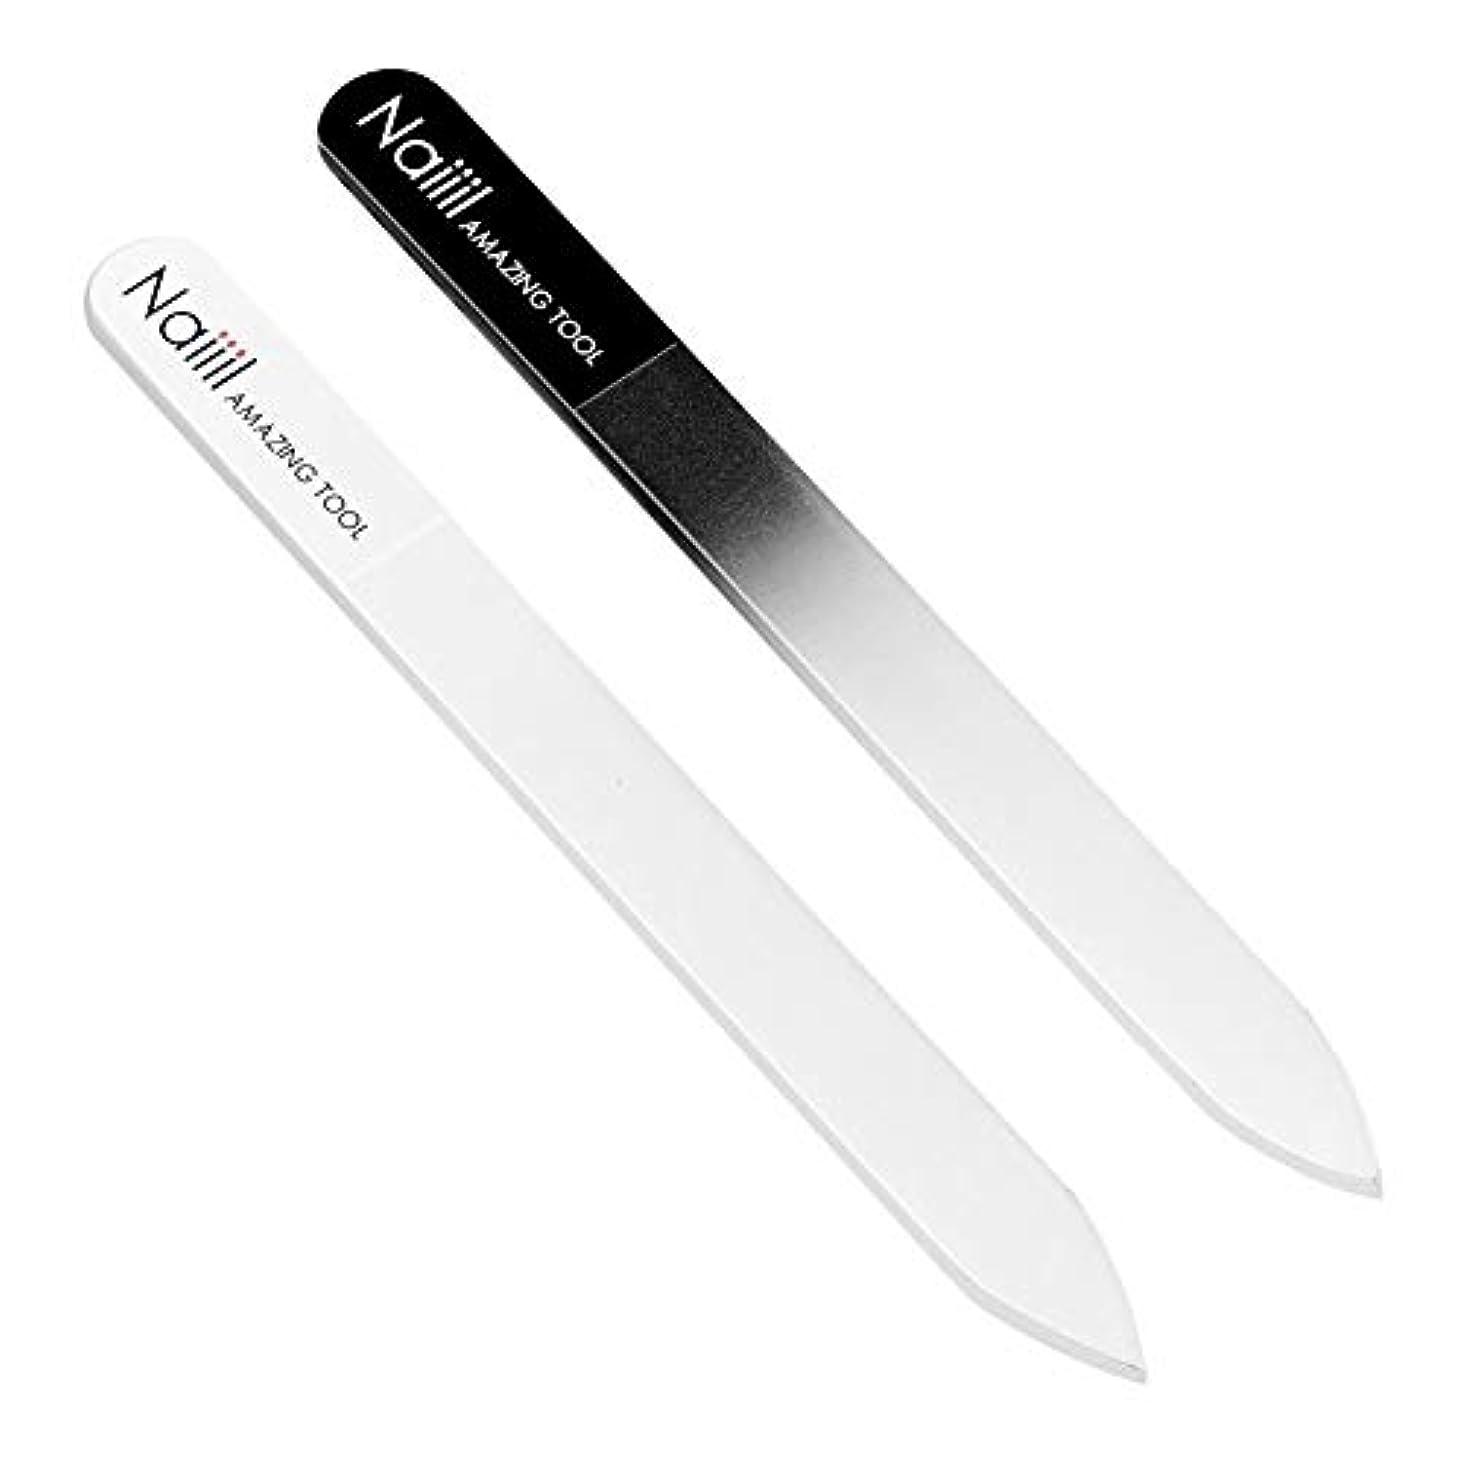 シリングキリストロバNaiiil [2本セット] ガラス製爪やすり 専用ケース付 持ち運びやすい 持久耐用